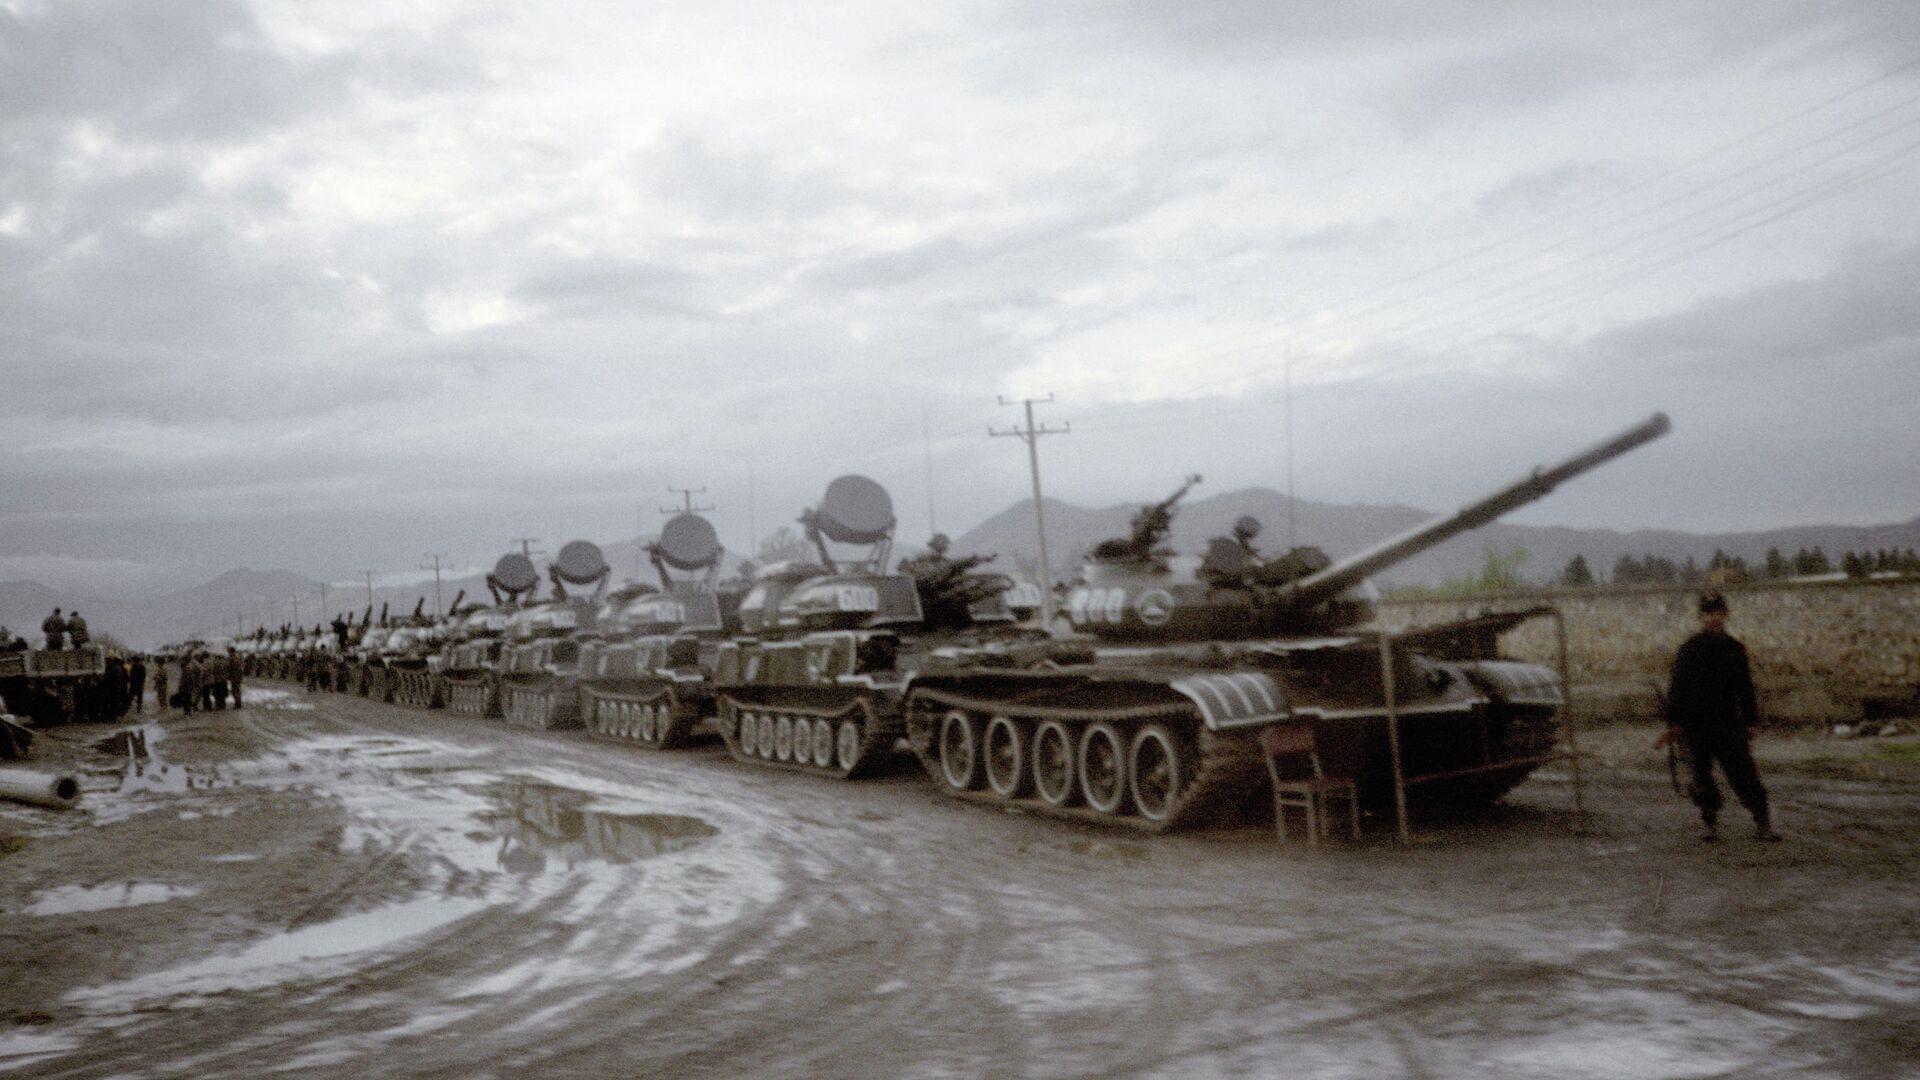 Танки и зенитные самоходные установки Ахмад Шаха Масуда возле Кабульского аэропорта - РИА Новости, 1920, 10.07.2021